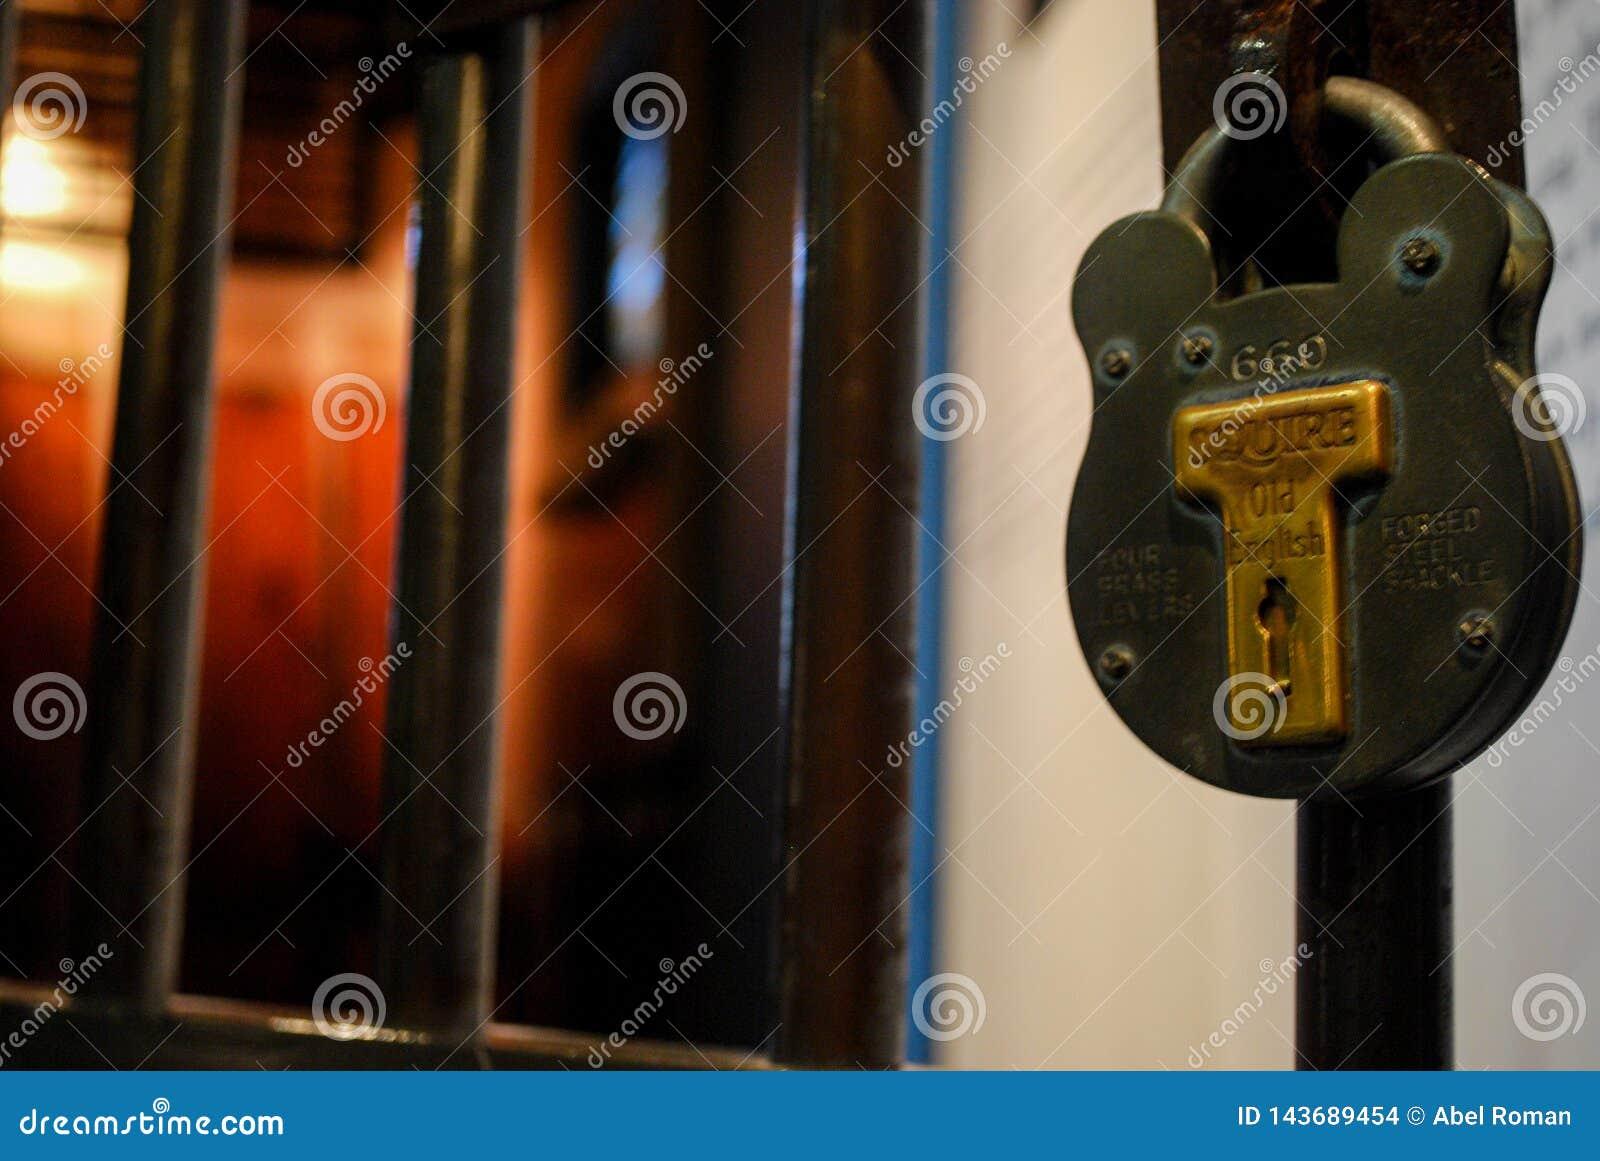 Porte d une cellule en vieille prison